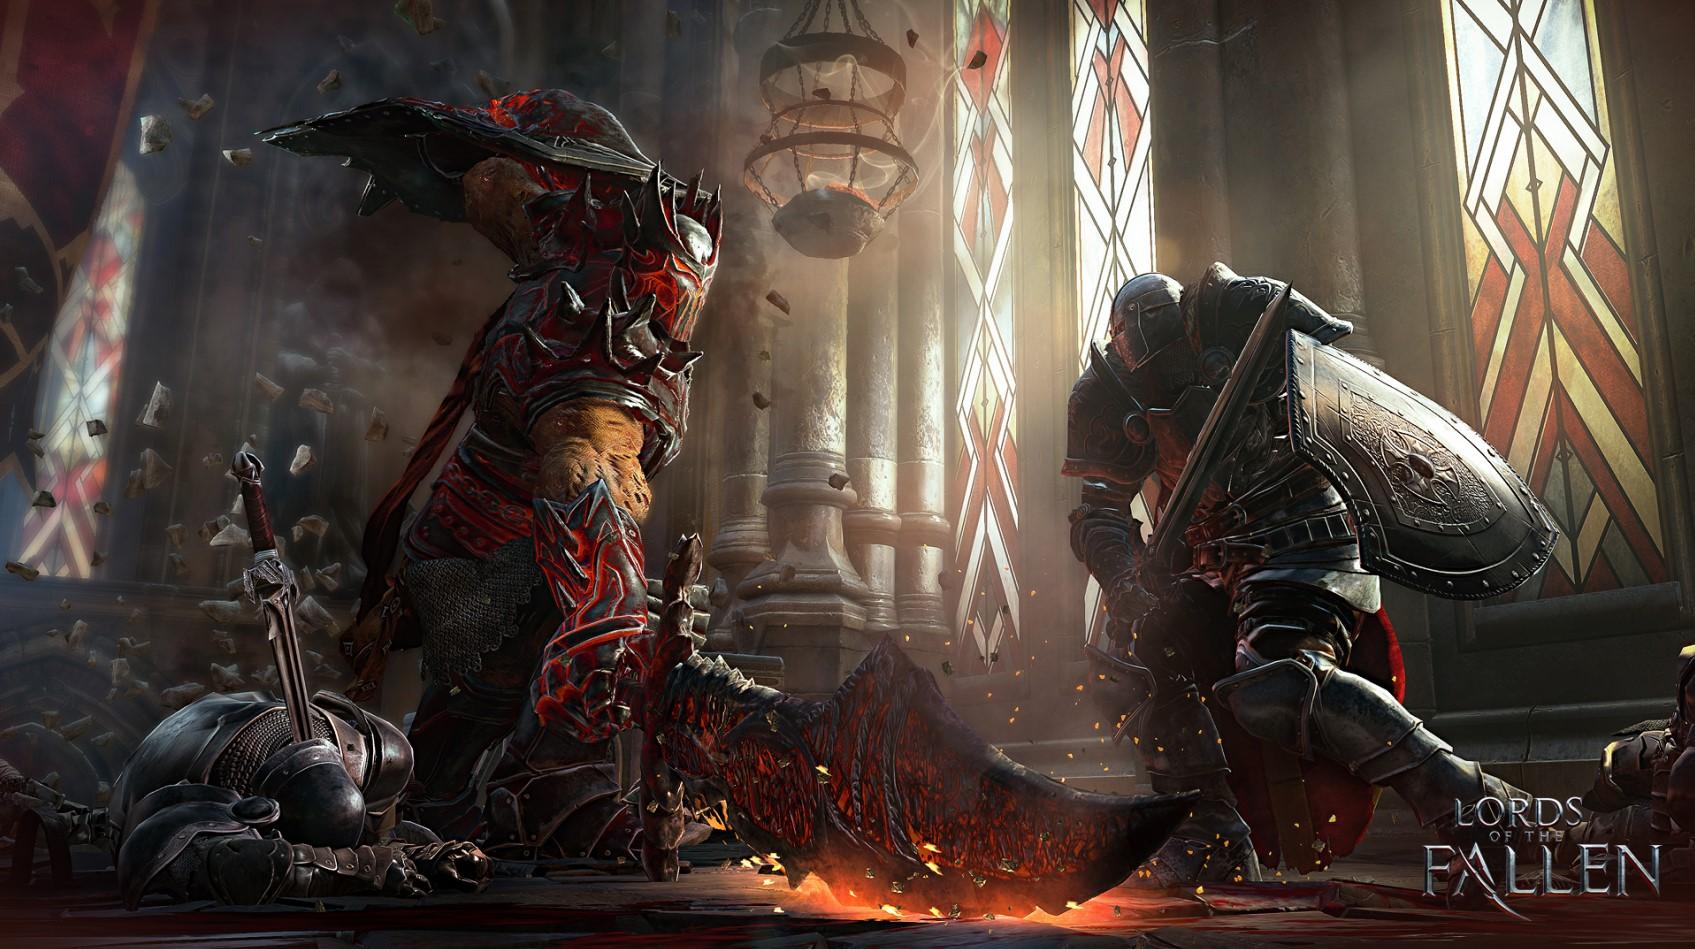 新工作室将接手《堕落之王2》 已获得570万欧元融资